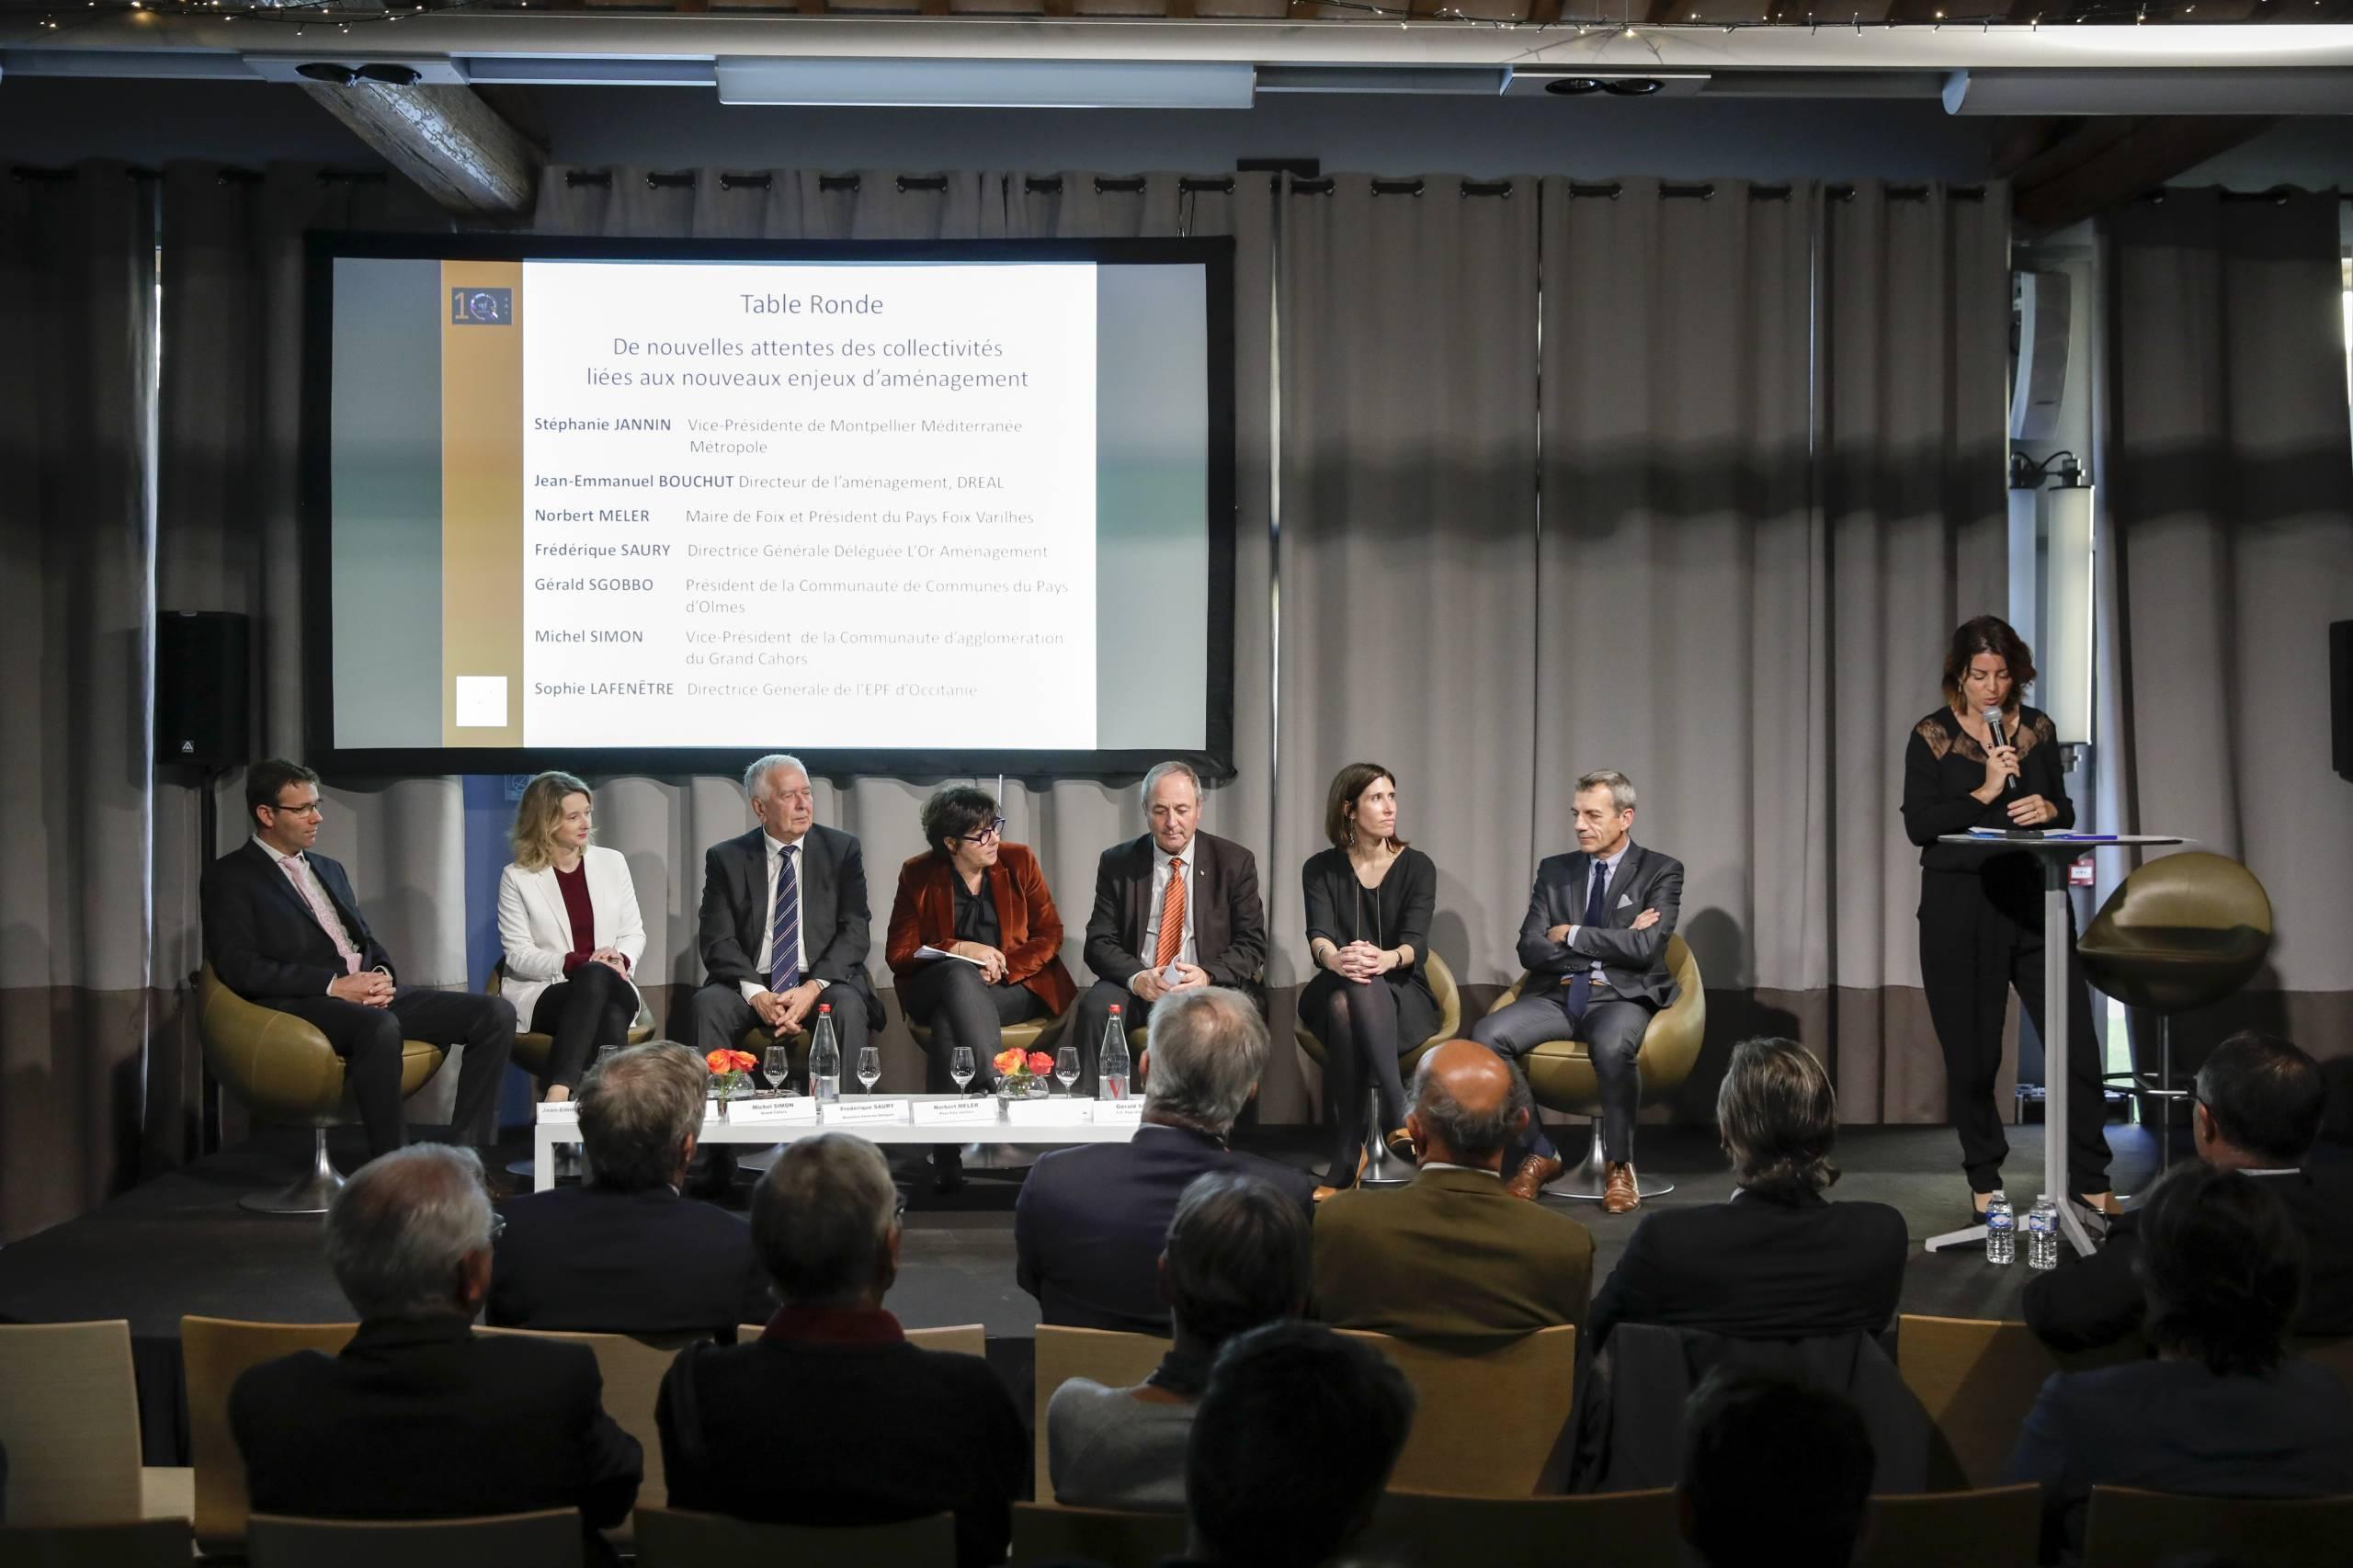 En 2018, à l'occasion de ses 10 ans, l'Etablissement Public Foncier (EPF) d'Occitanie m'a confié l'animation de deux tables-rondes sur les attentes des élus (renouvellement urbain, biodiversité, reconversion de friches, redynamisation des centres bourgs, etc.)